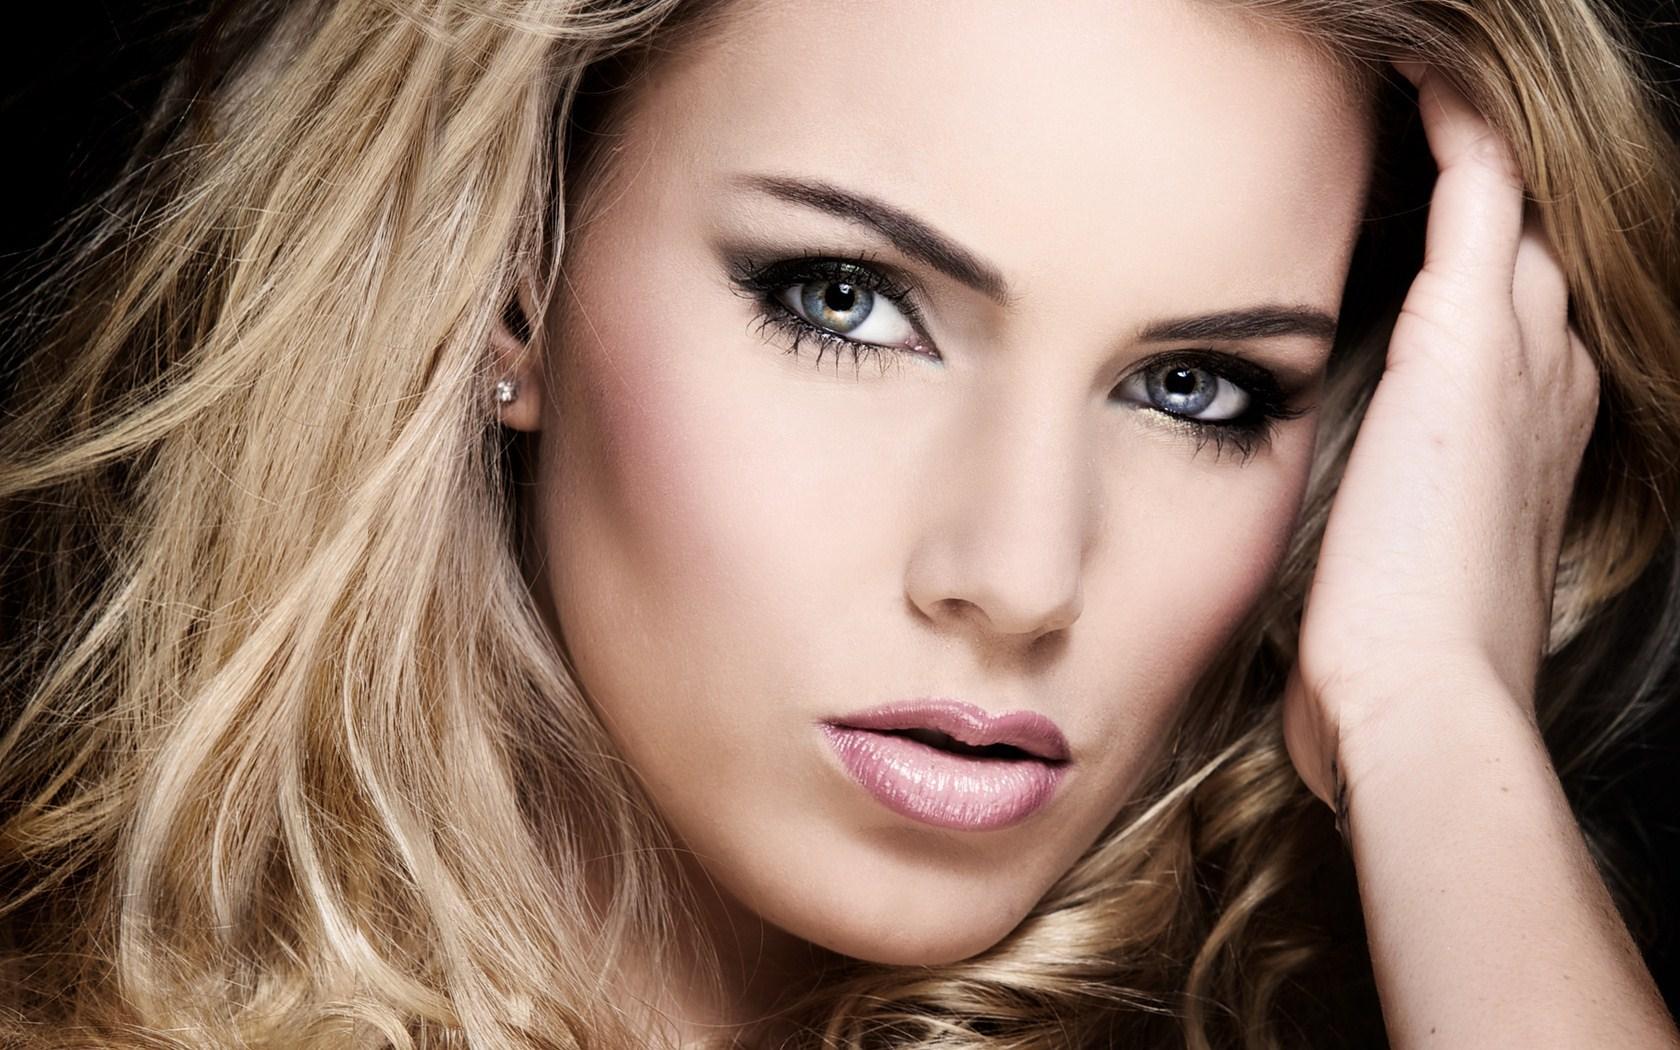 Portrait Beauty Blonde Woman